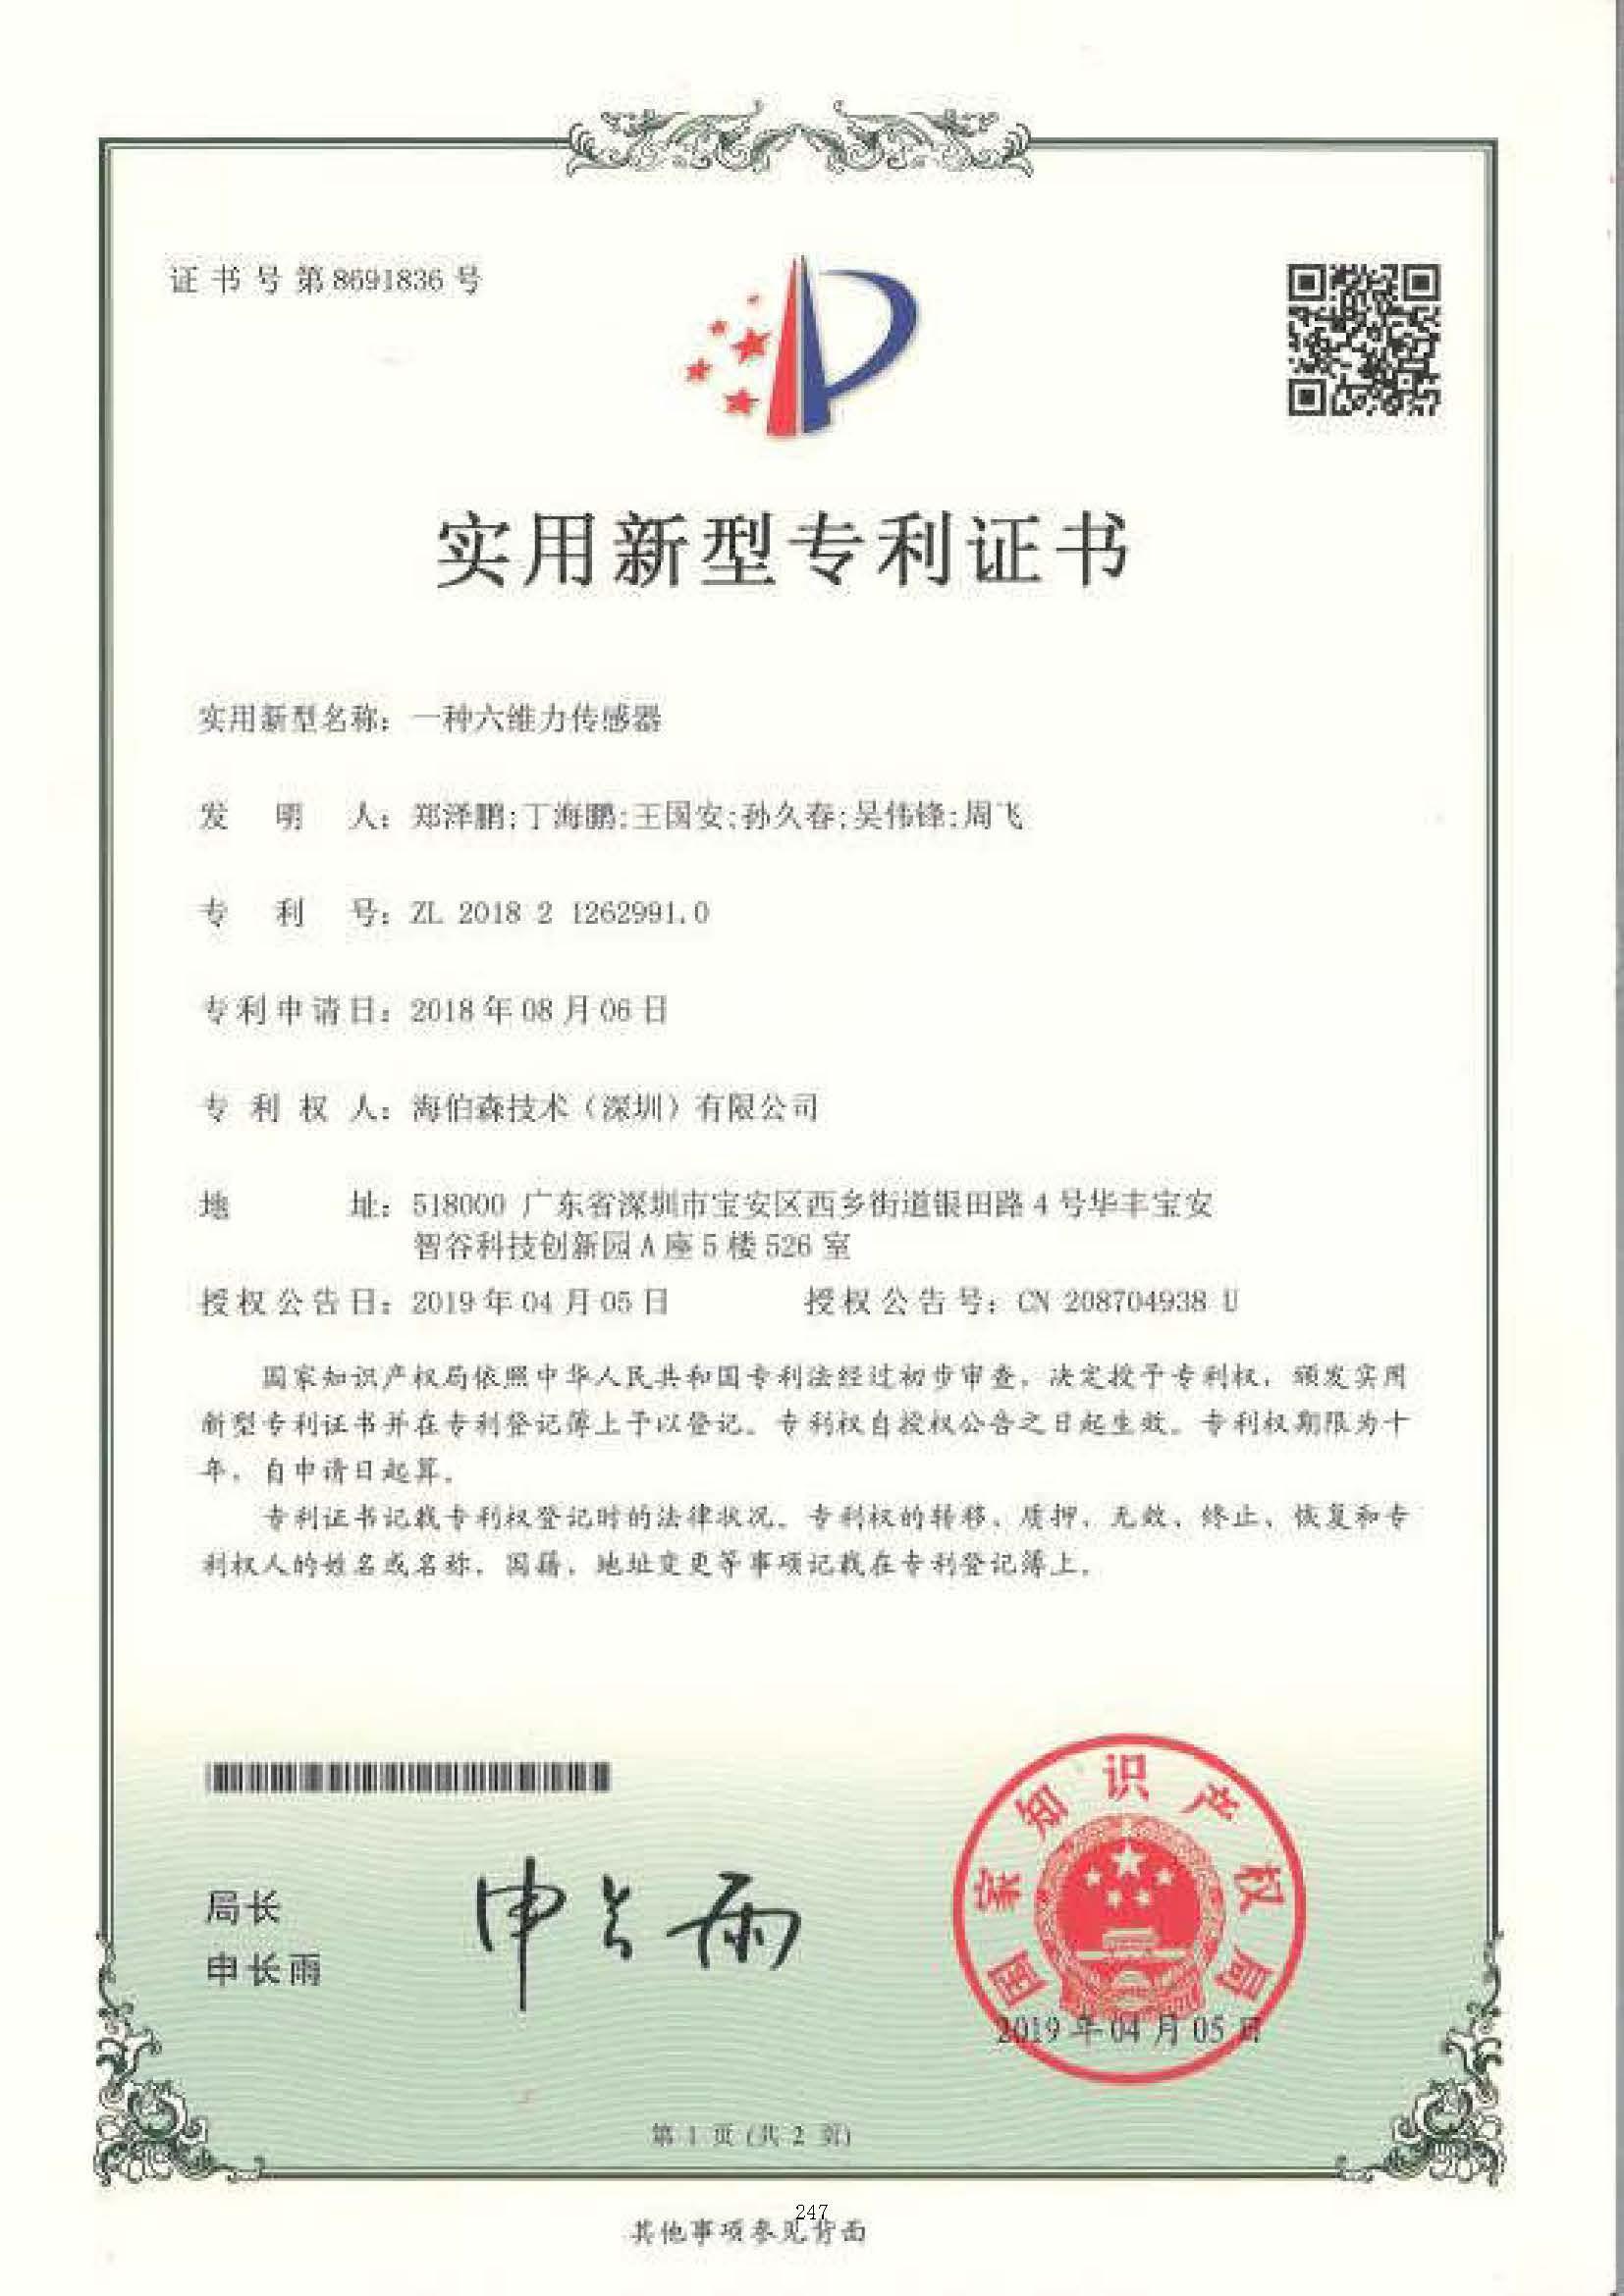 海伯森六维力专利20190717_页面_03.jpg